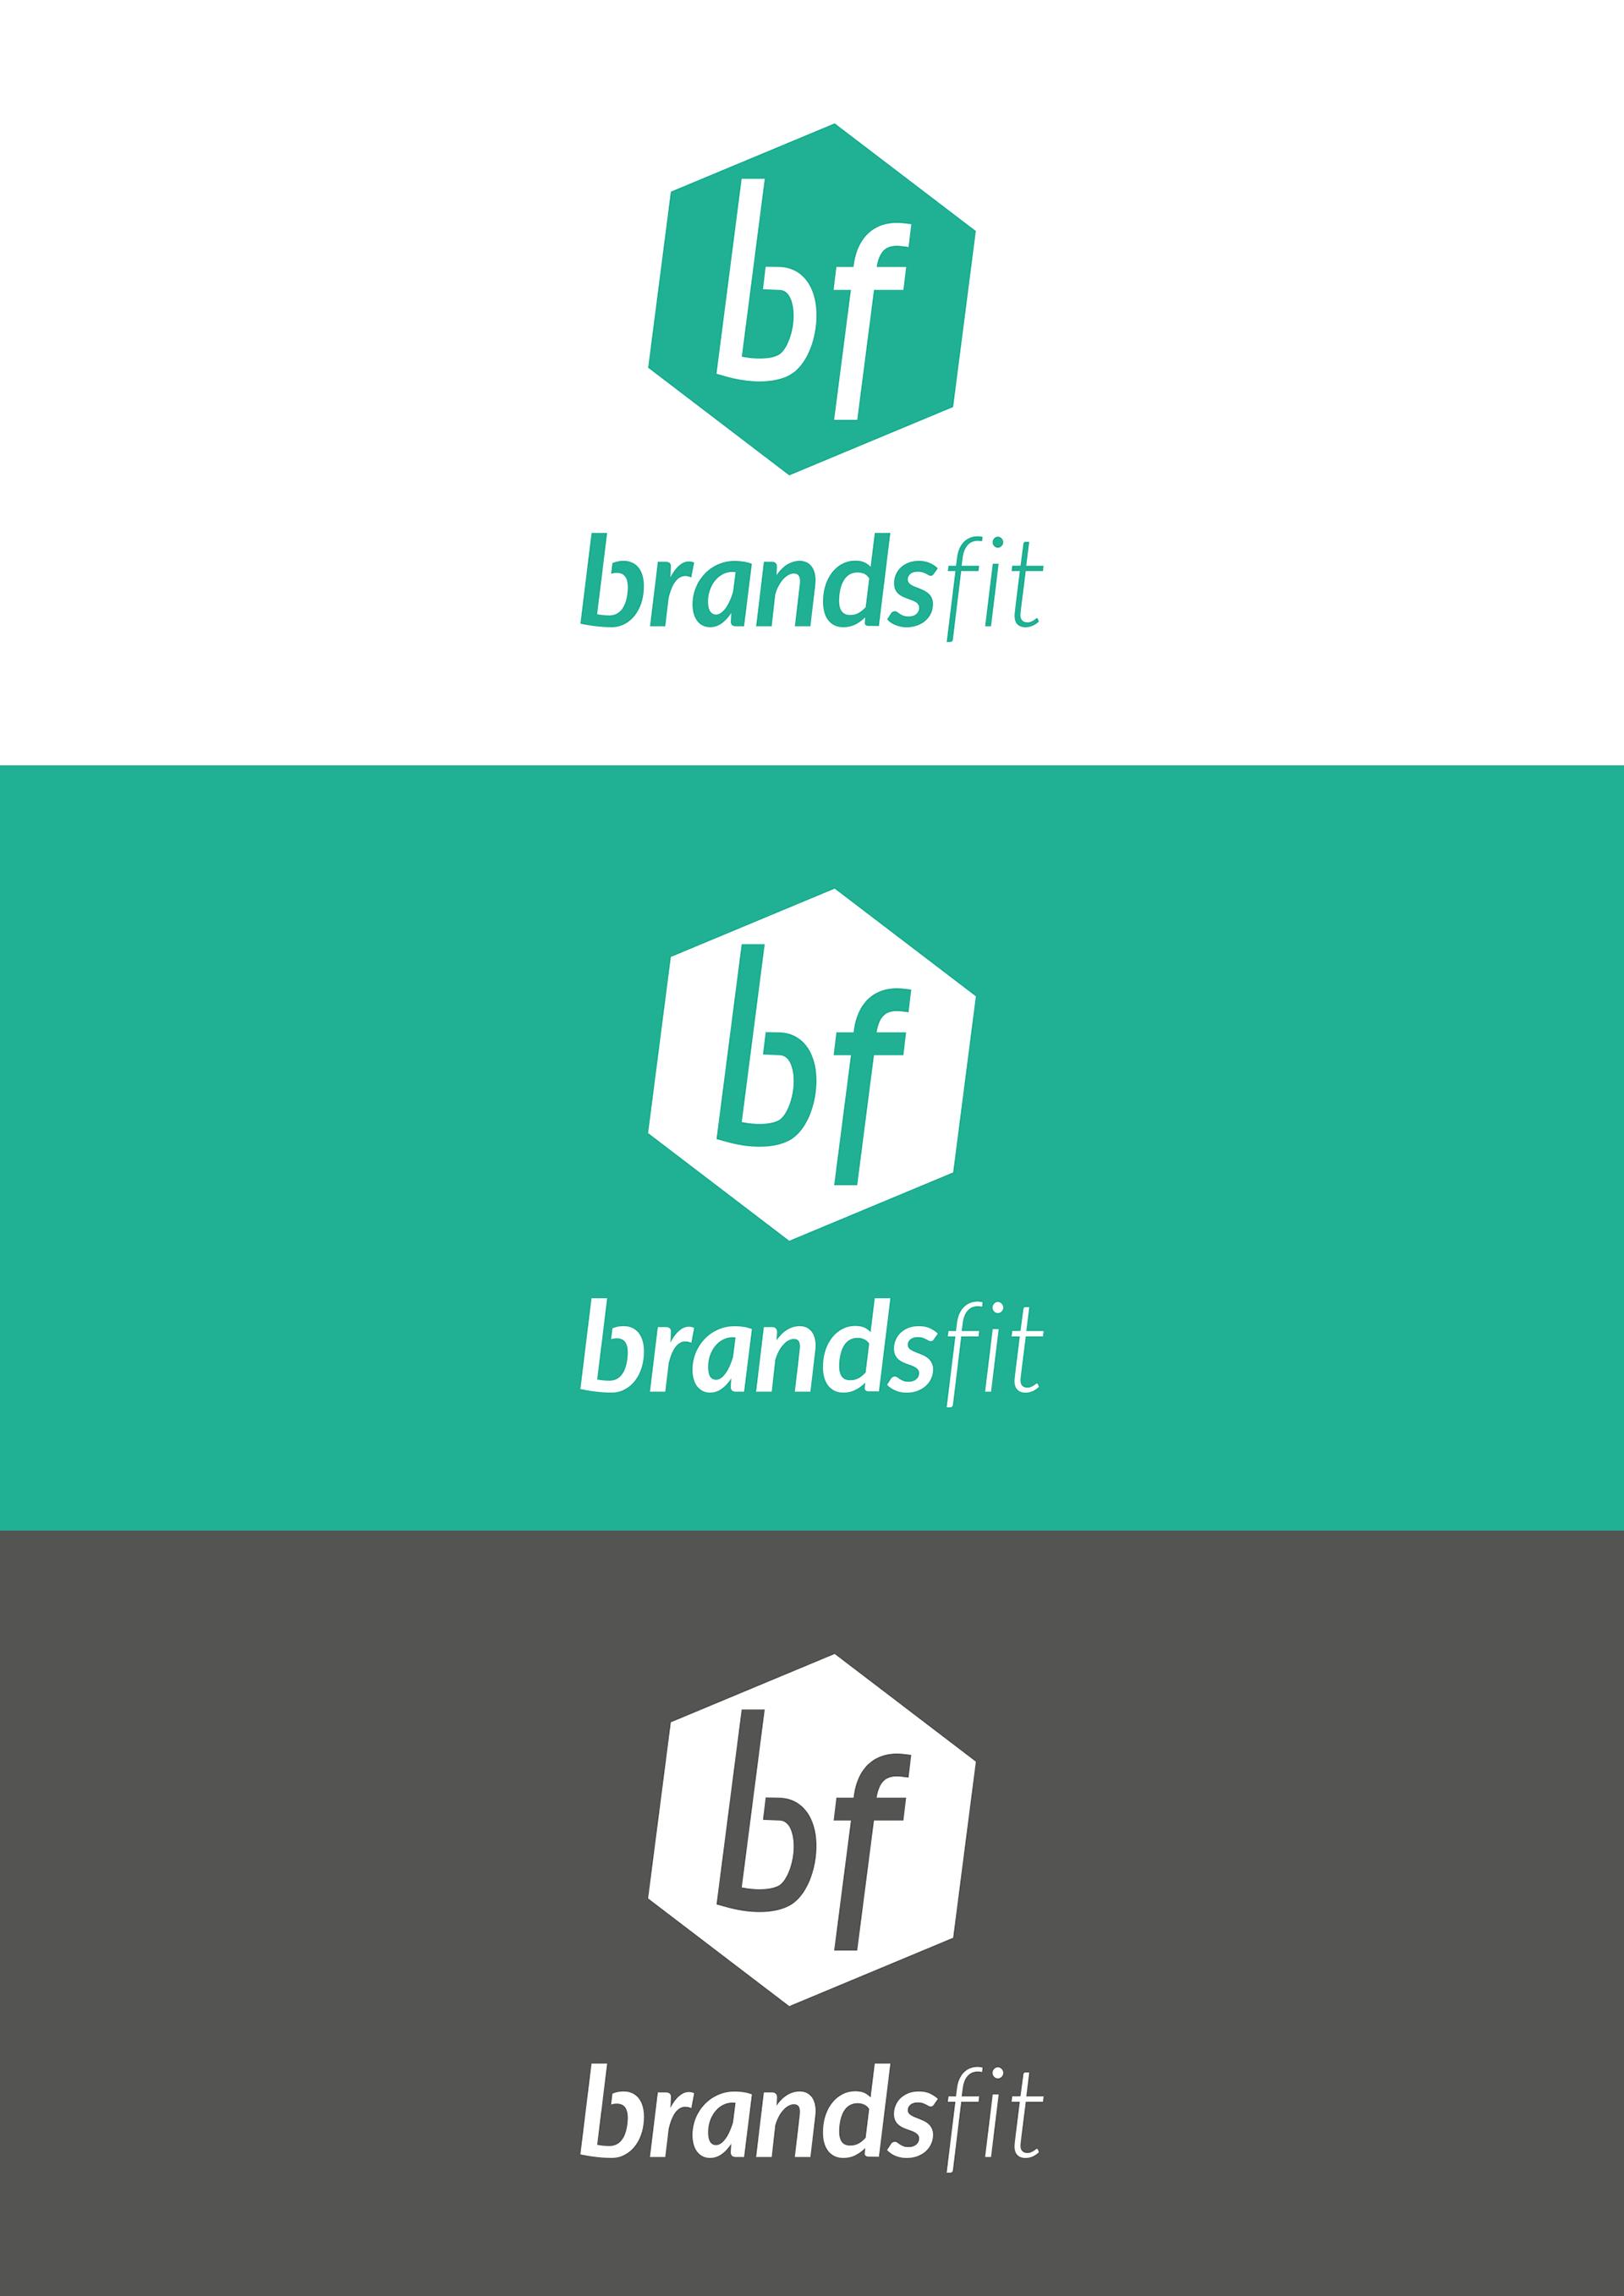 All three logo variations